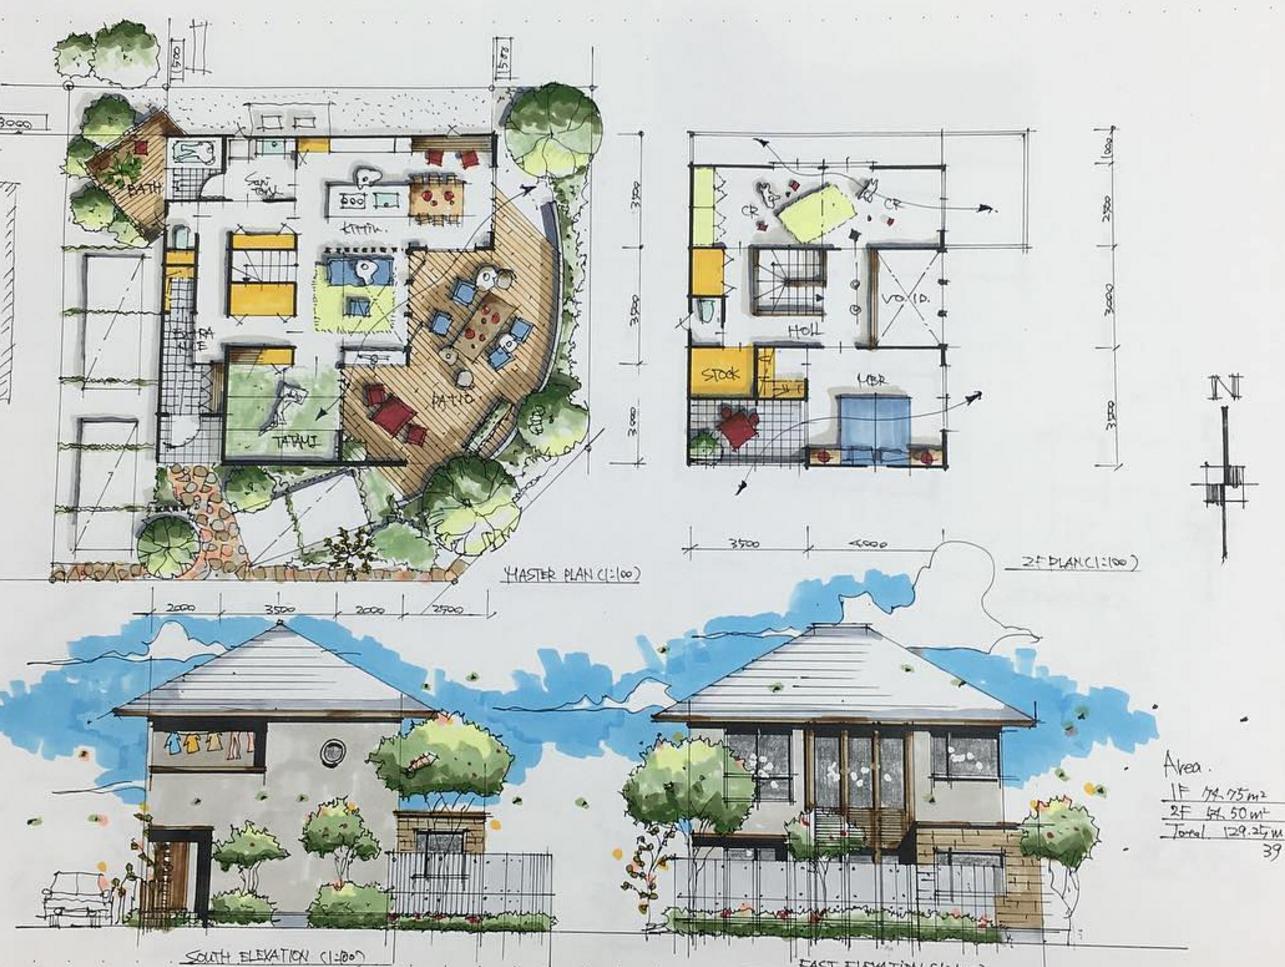 101 planos de casas planos de casas de 2 plantas peque as for Planos de casas con patio interior